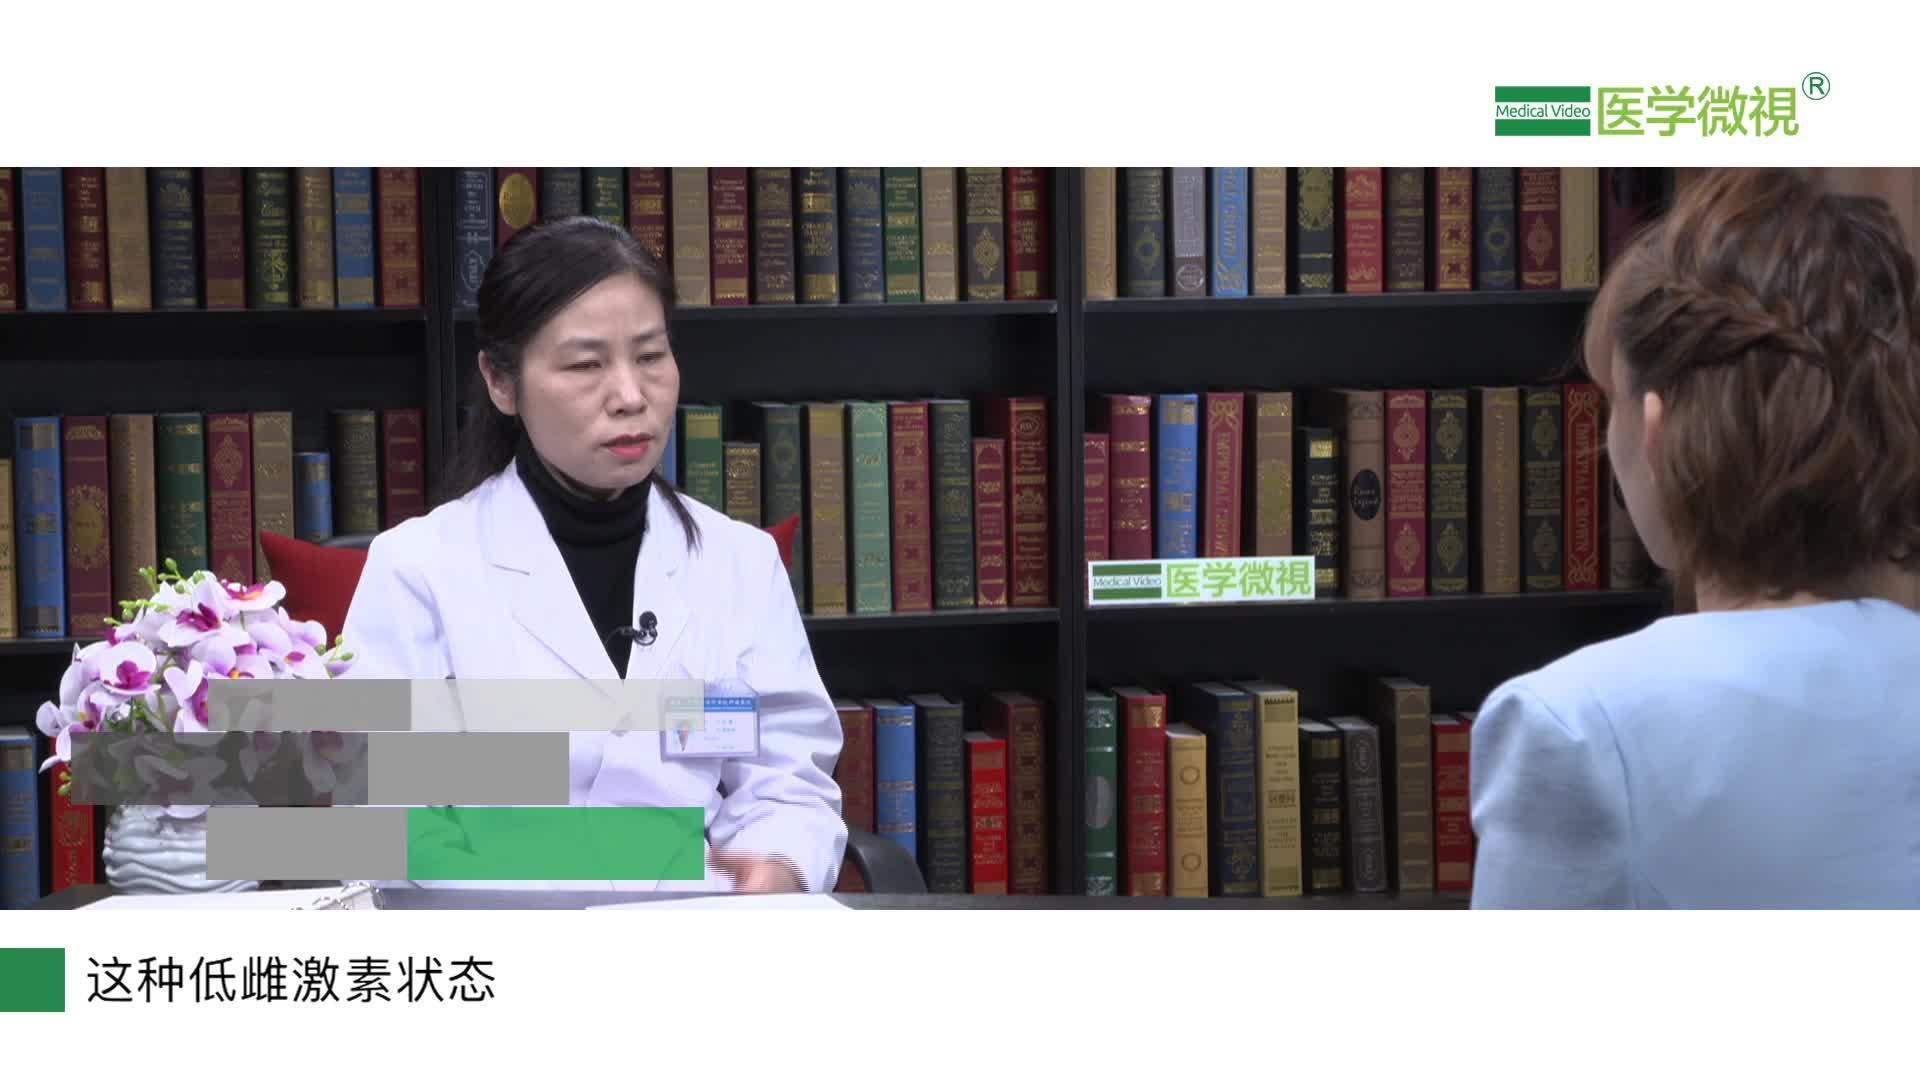 戈舍瑞林的副反应有什么?会导致骨质疏松吗?该怎么办?